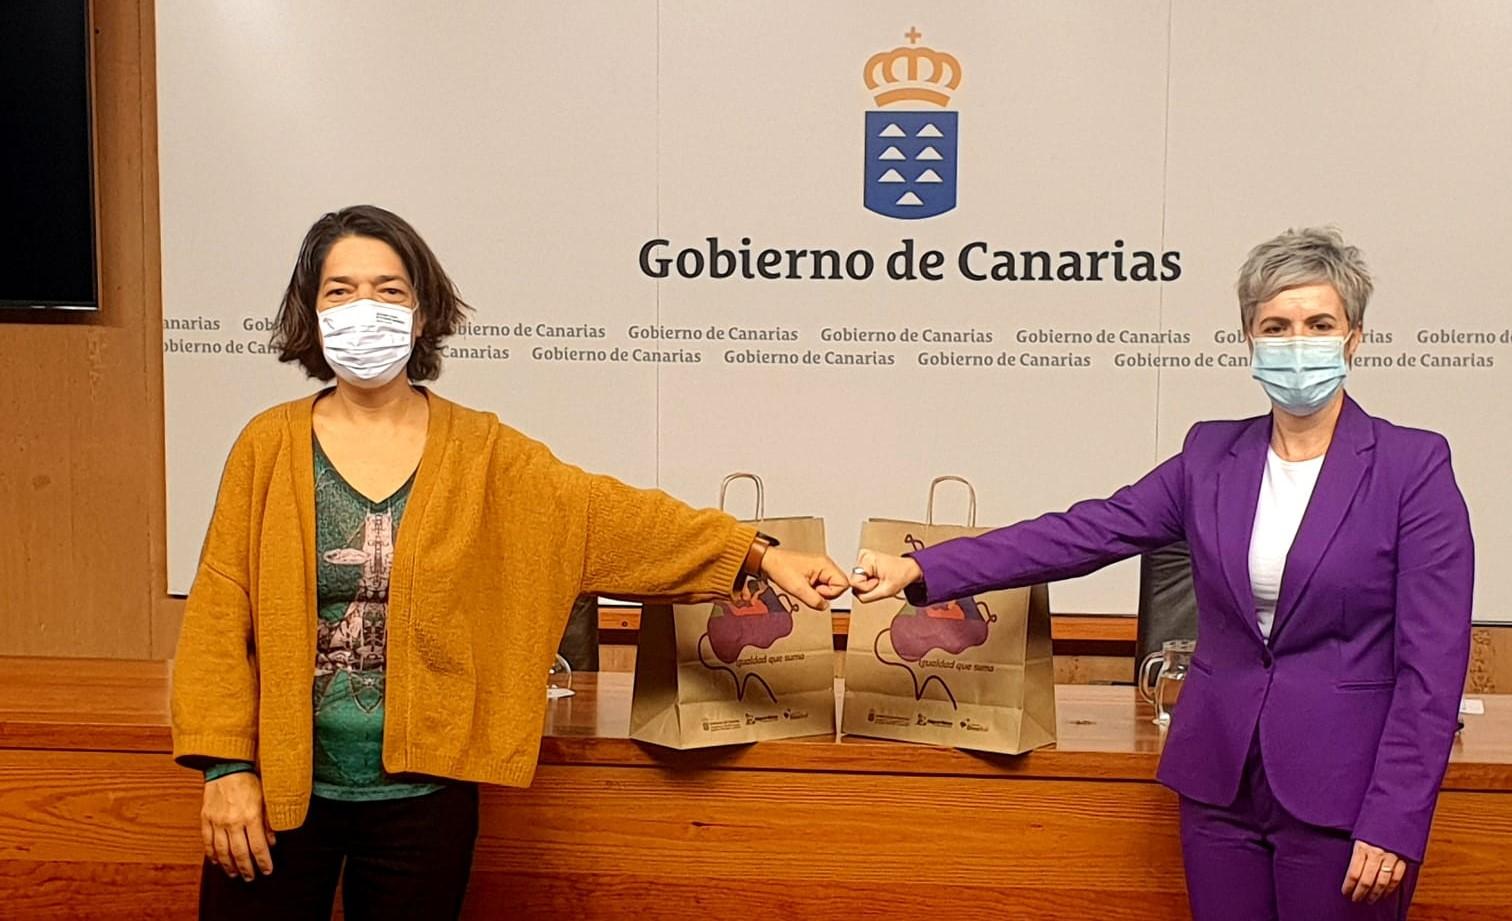 Sylvia Jaén y Virginia Ávila / CanariasNoticias.es